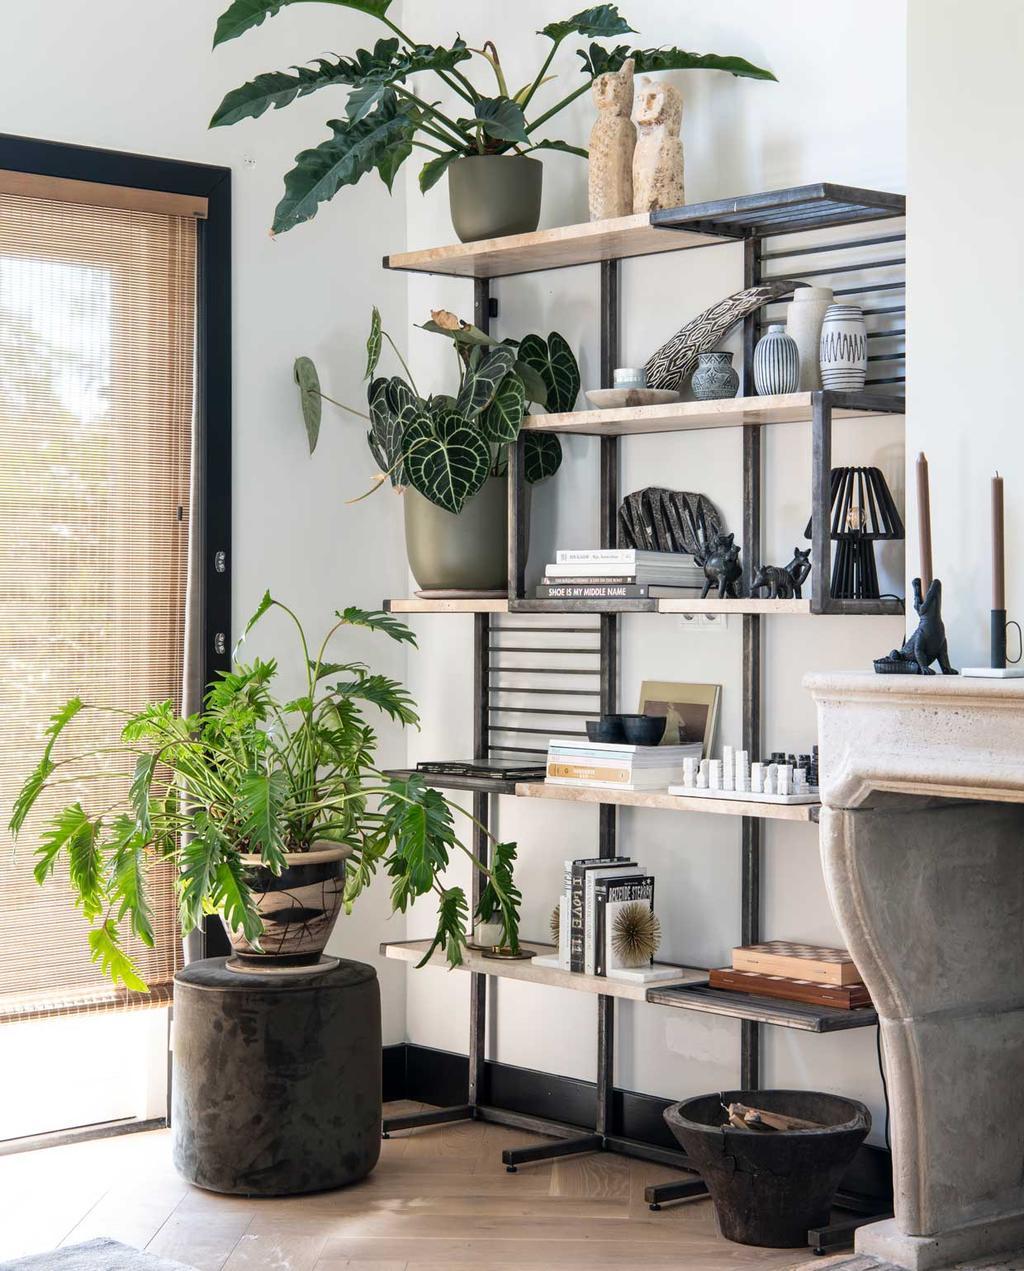 vtwonen binnenkijkspecial 2020 | binnenkijken in een woonboerderij in braambrugge | werkkamer met wandkast